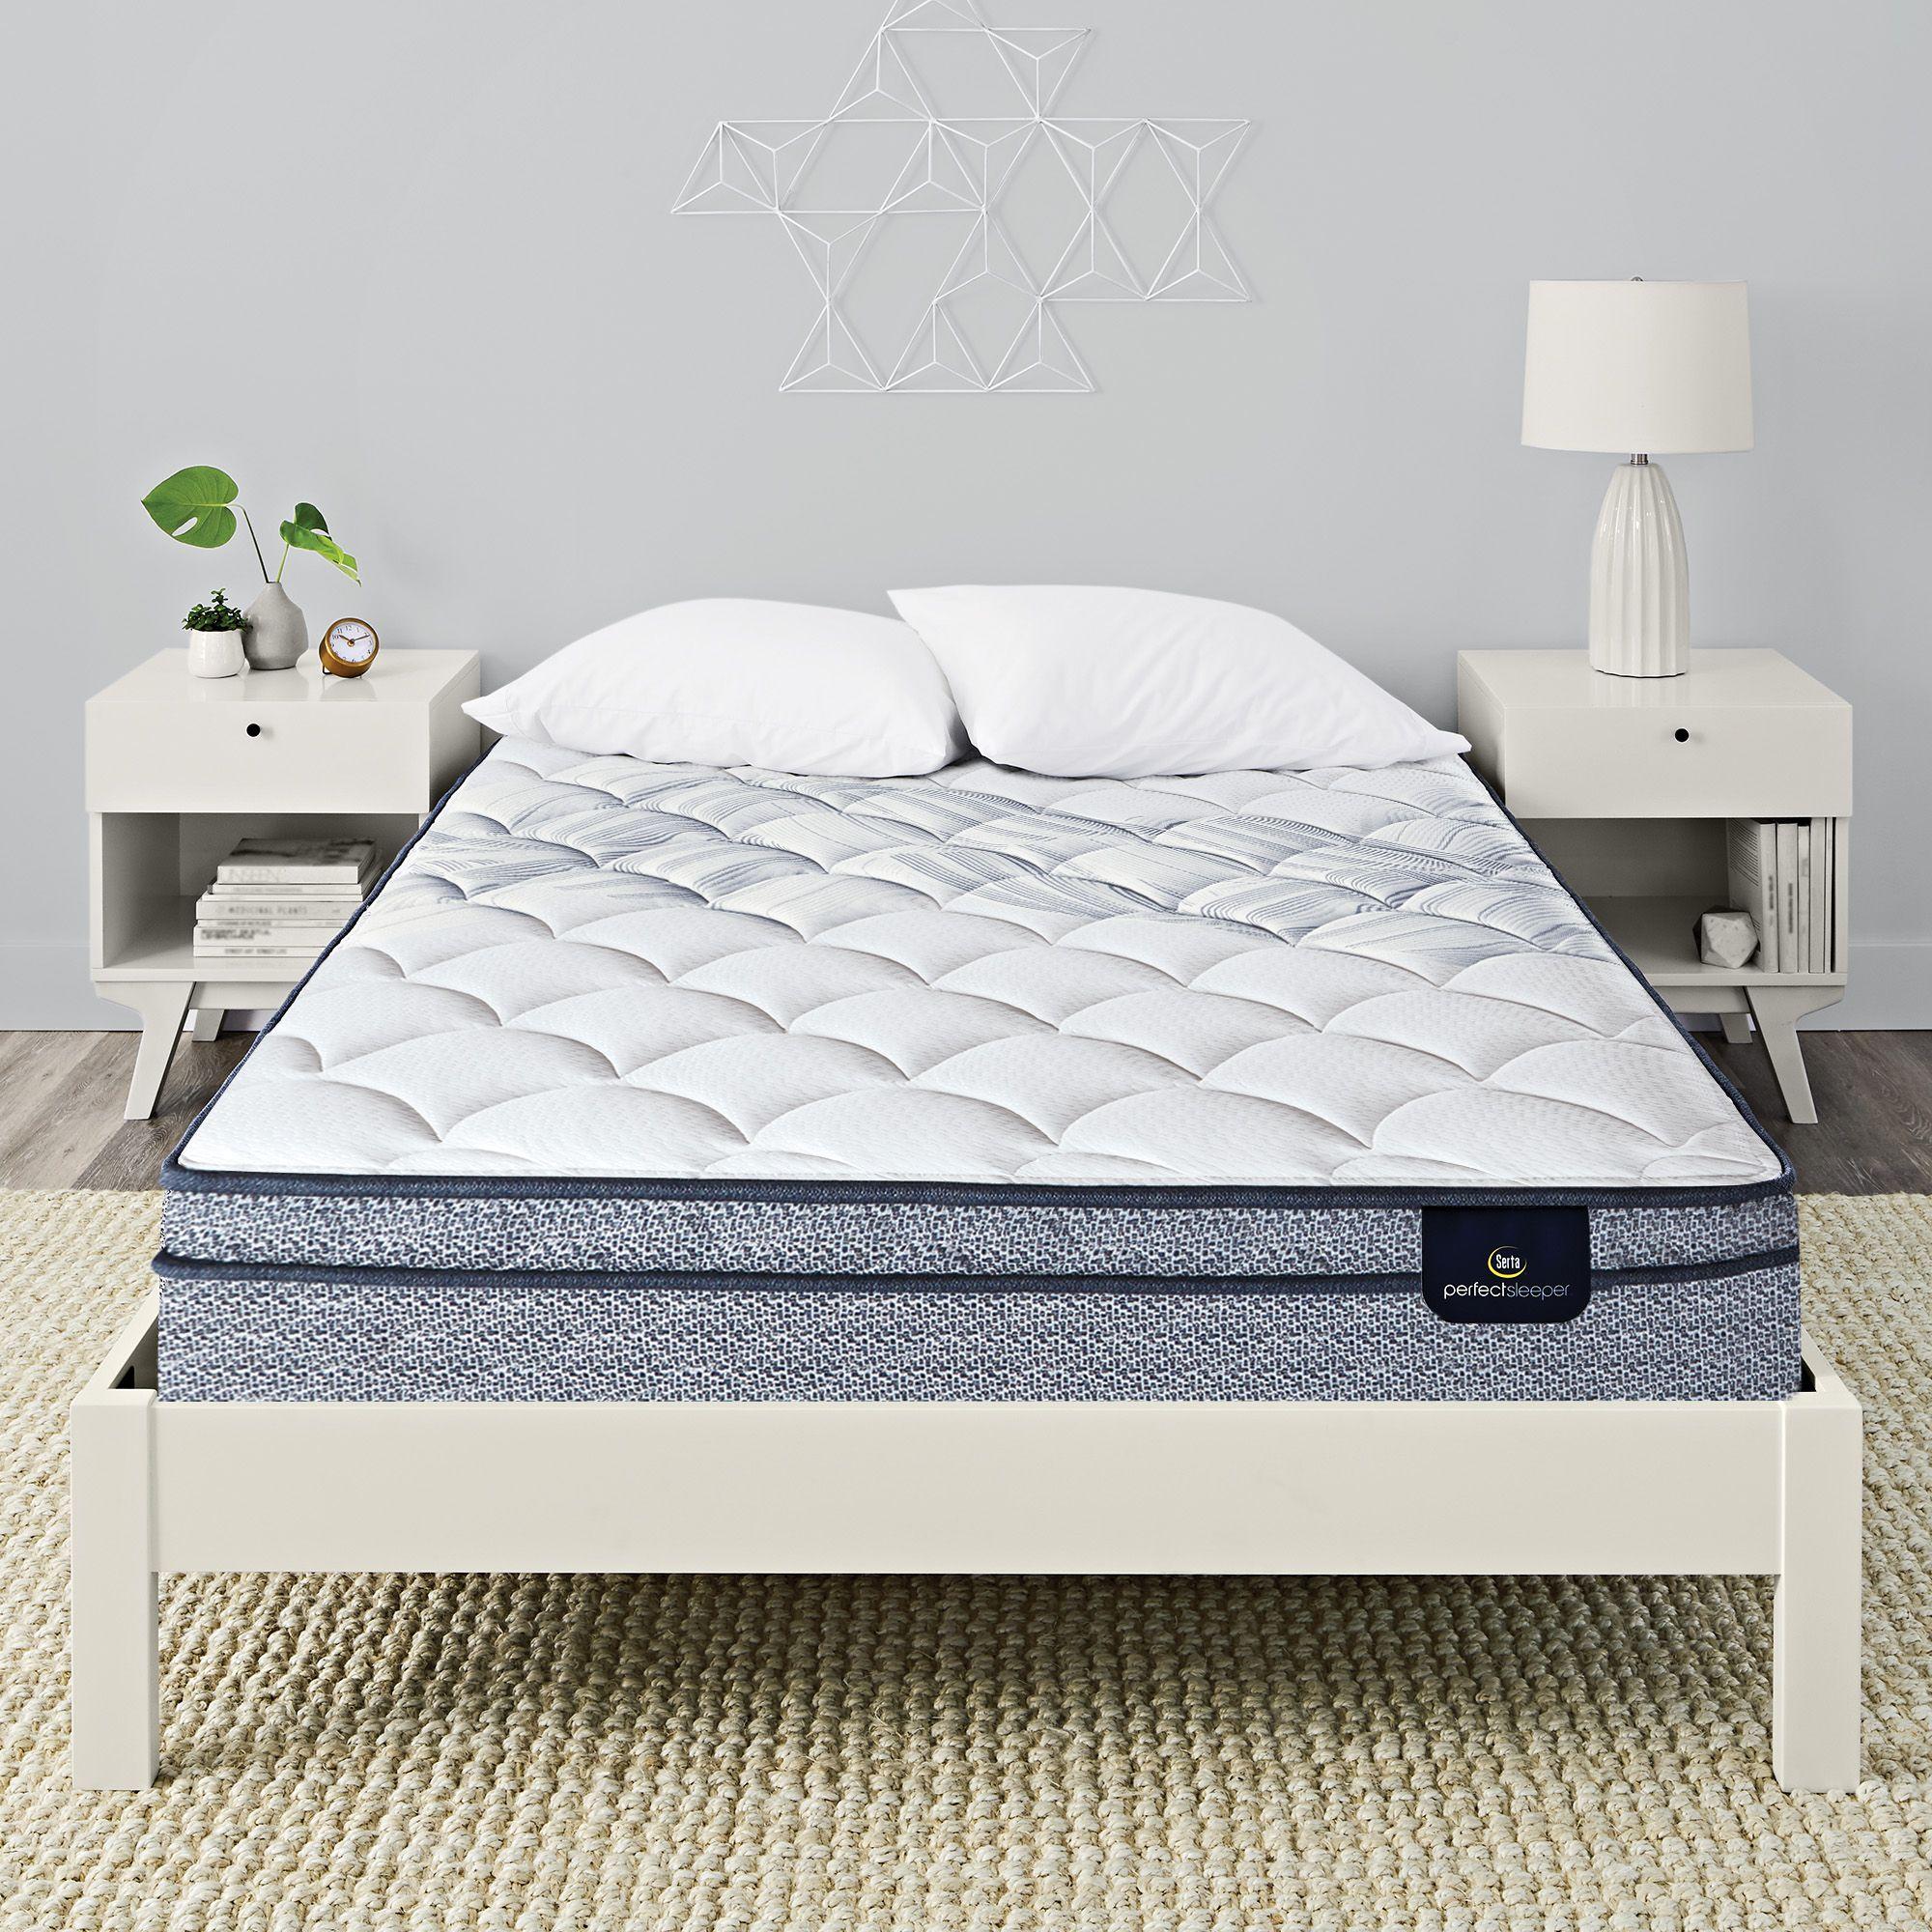 Enjoy Restful Sleep Atop This Serta Perfect Sleeper Harlington Iii